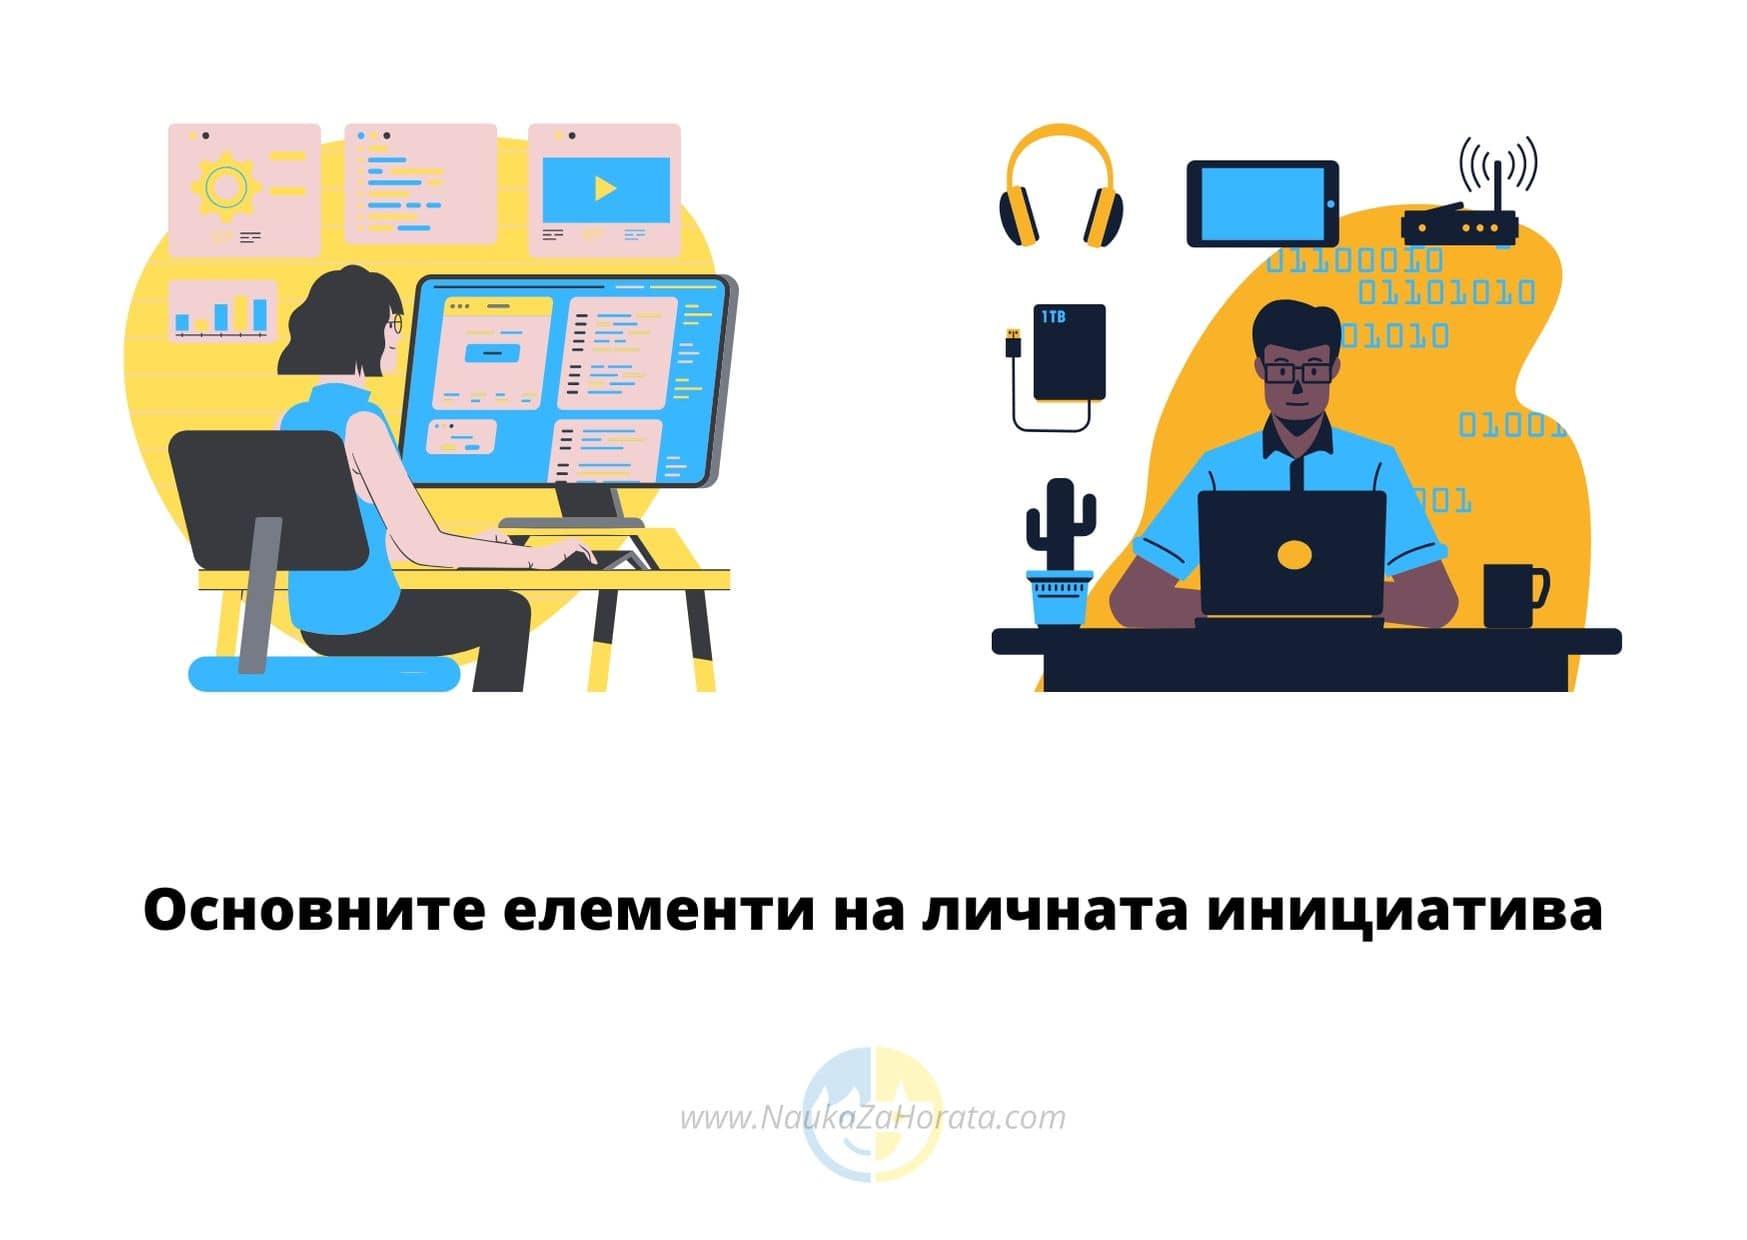 личната инициатива мъж и жена работят на компютрите си